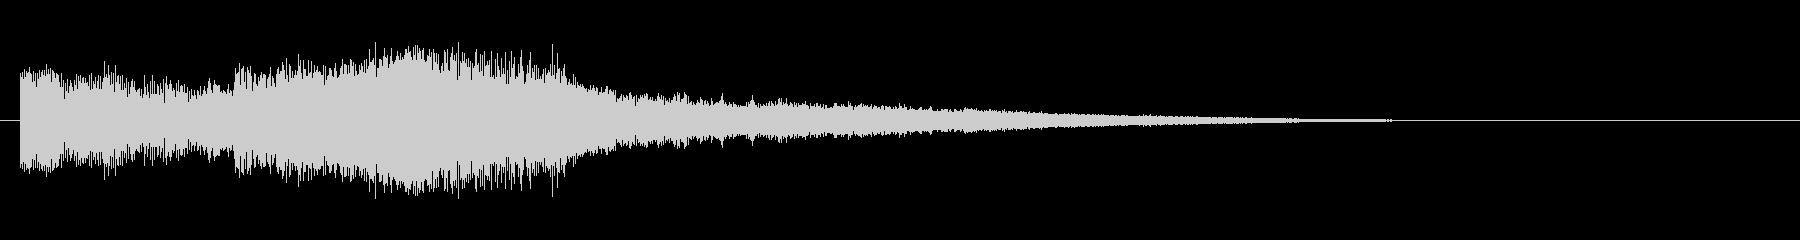 南国SE4 ノーマルカード入手 正解の未再生の波形